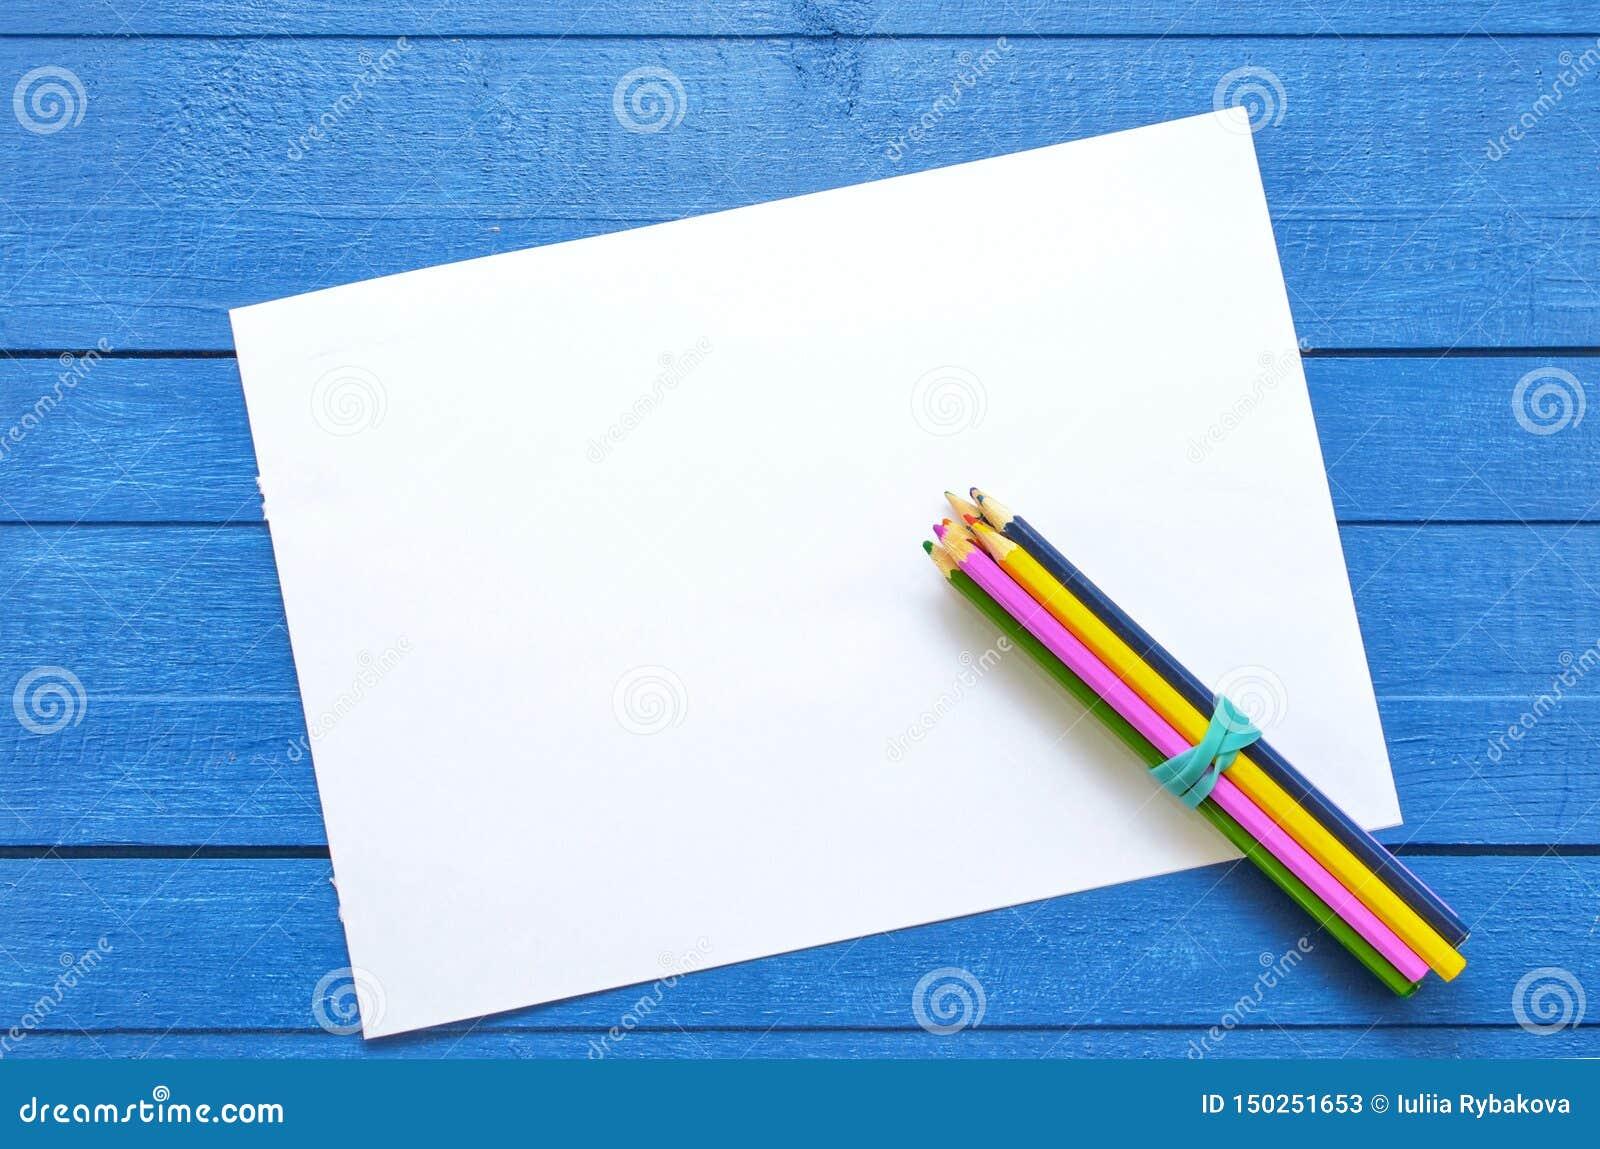 Moquerie vers le haut d illustration pour le dessin et texte sur un fond en bois bleu avec quatre crayons colorés sur le coin de